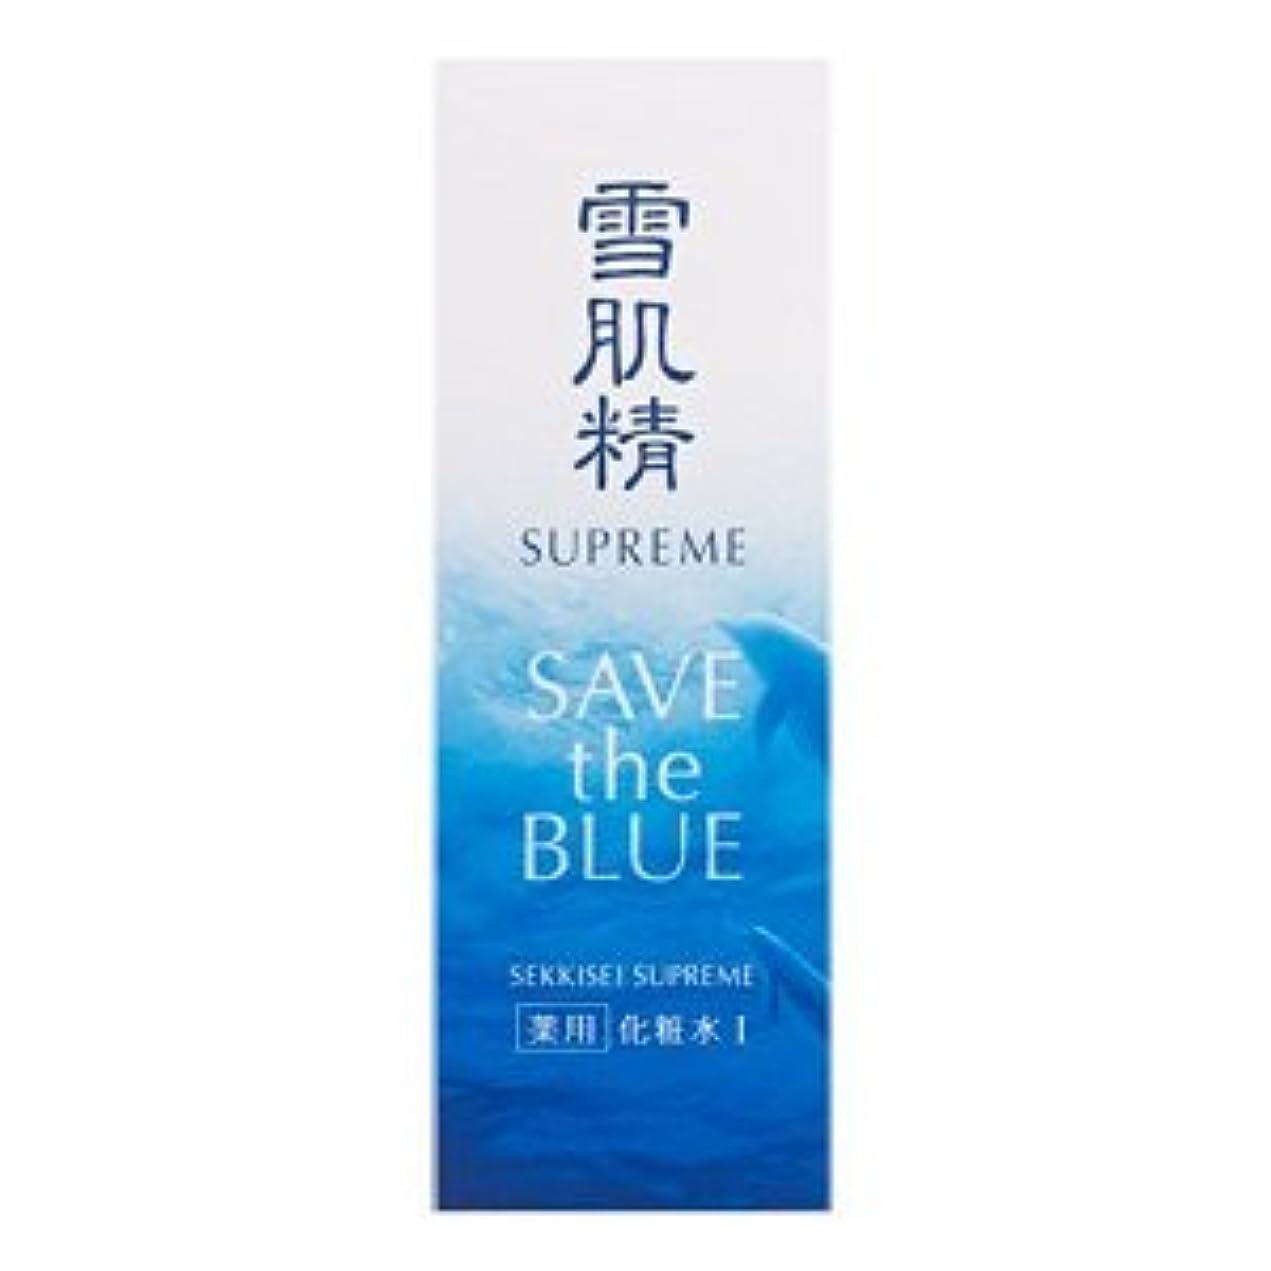 映画仕様気味の悪いコーセー 雪肌精 シュープレム 化粧水 Ⅰ みずみずしいうるおい 400ml アウトレット